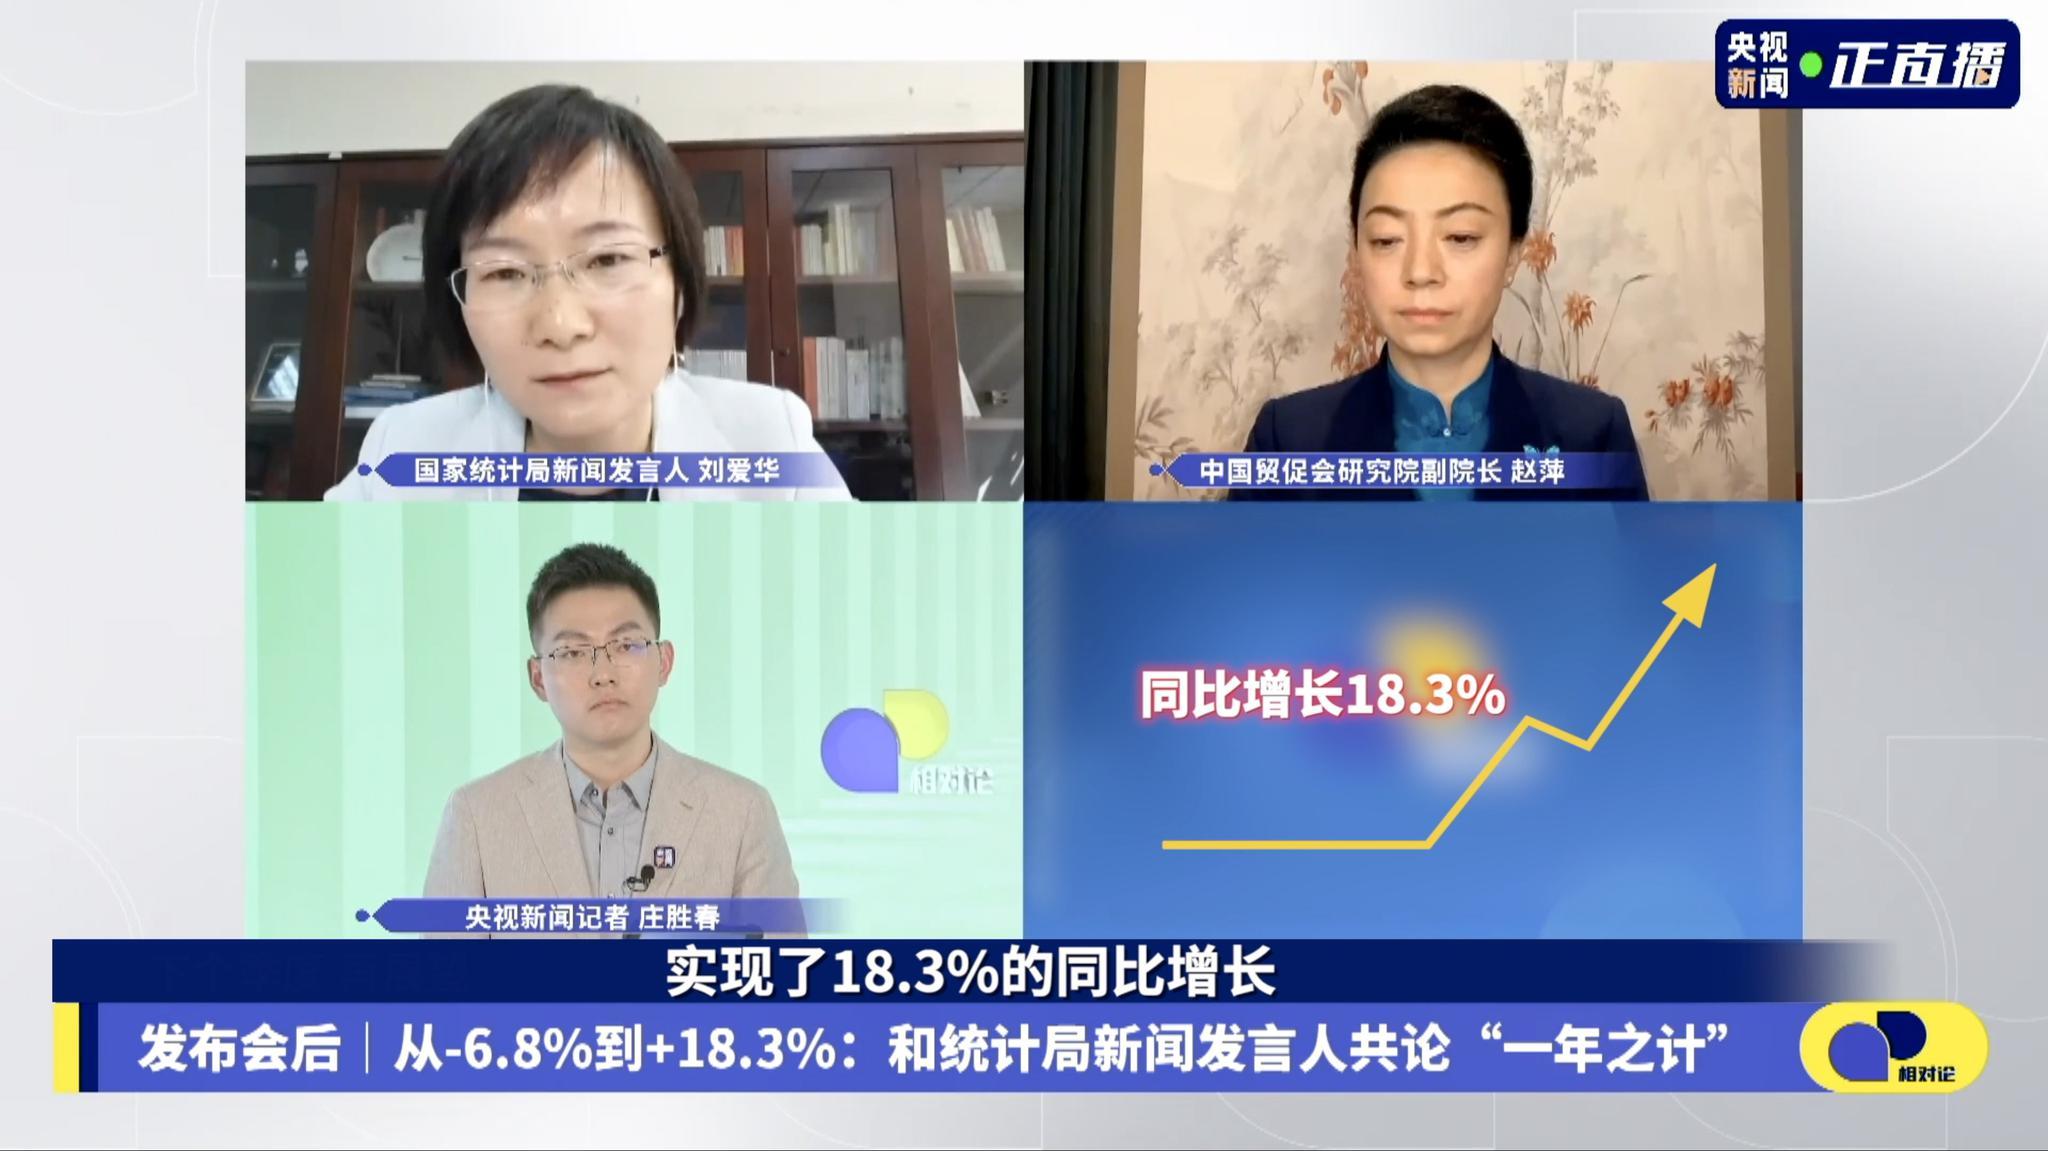 黑龍江省委組織部發布一批干部任前公示